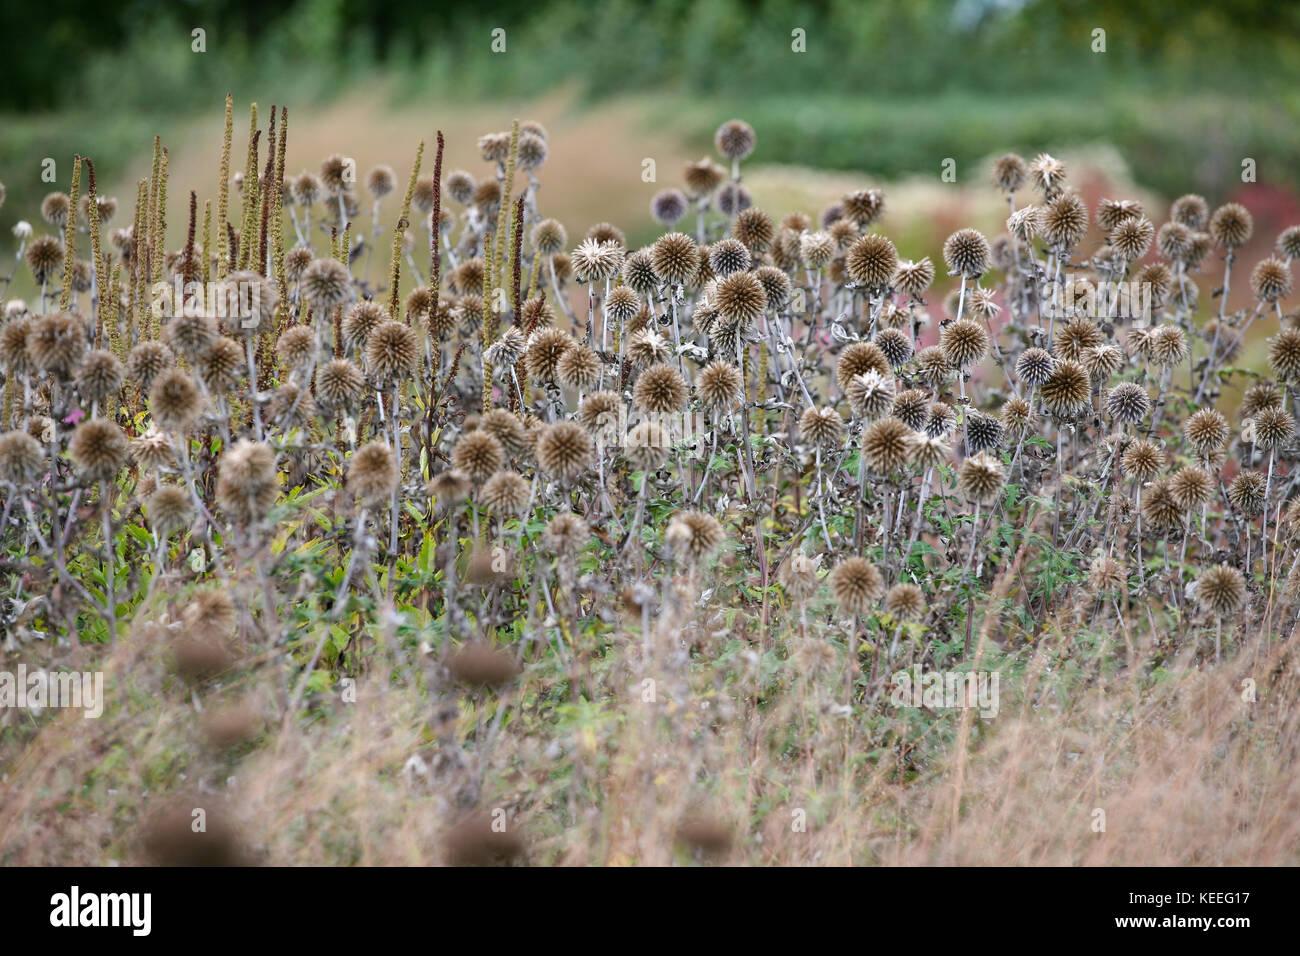 Echinops ritro teste di seme di erbe, autunno interesse nel giardino Immagini Stock